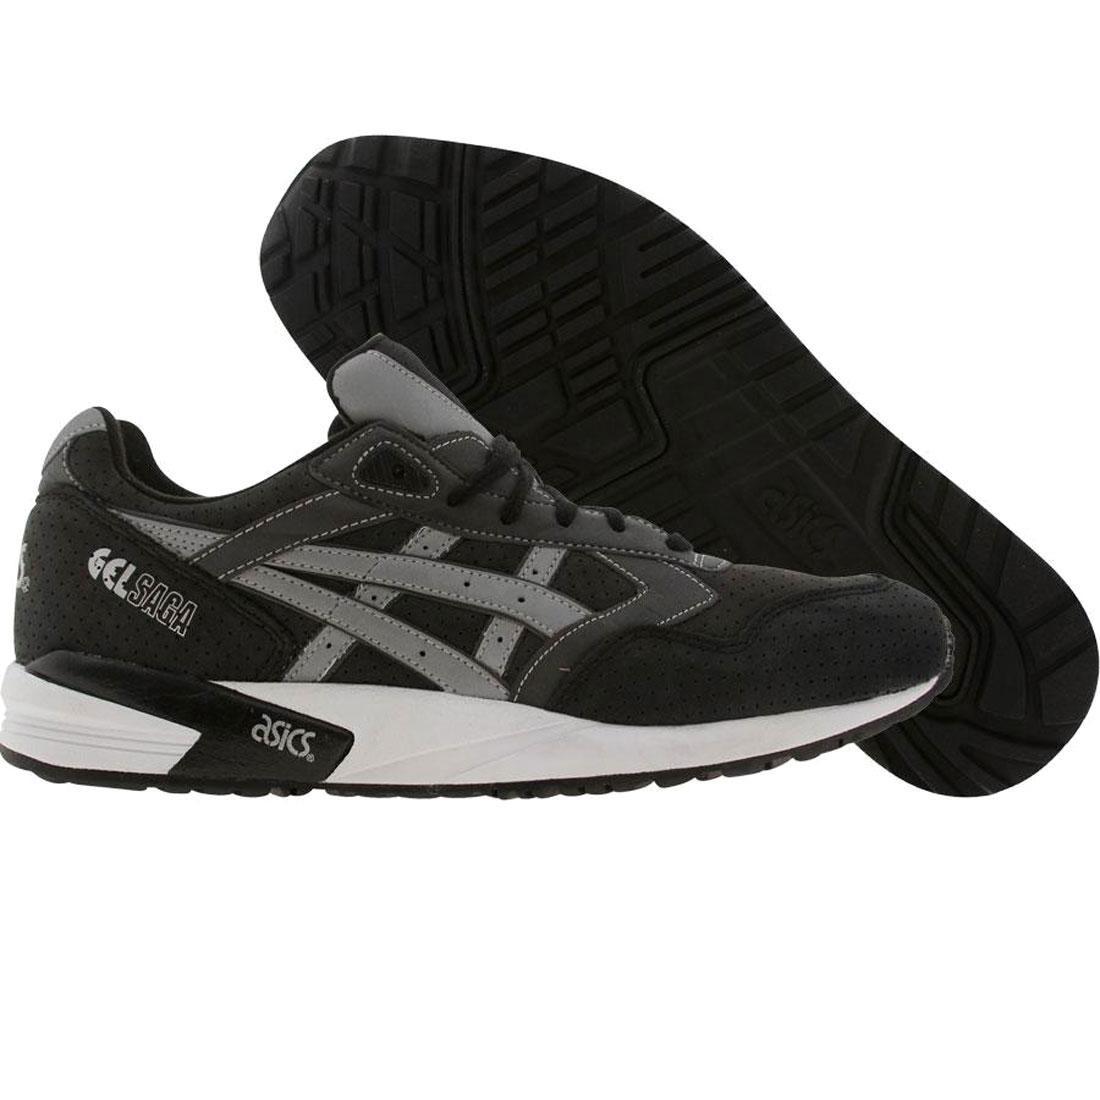 【海外限定】アシックス プレミアム 黒 ブラック メンズ靴 靴 【 ASICS PREMIUM BLACK BAIT X TIGER GELSAGA 3M RINGS PACK RING GREY 】